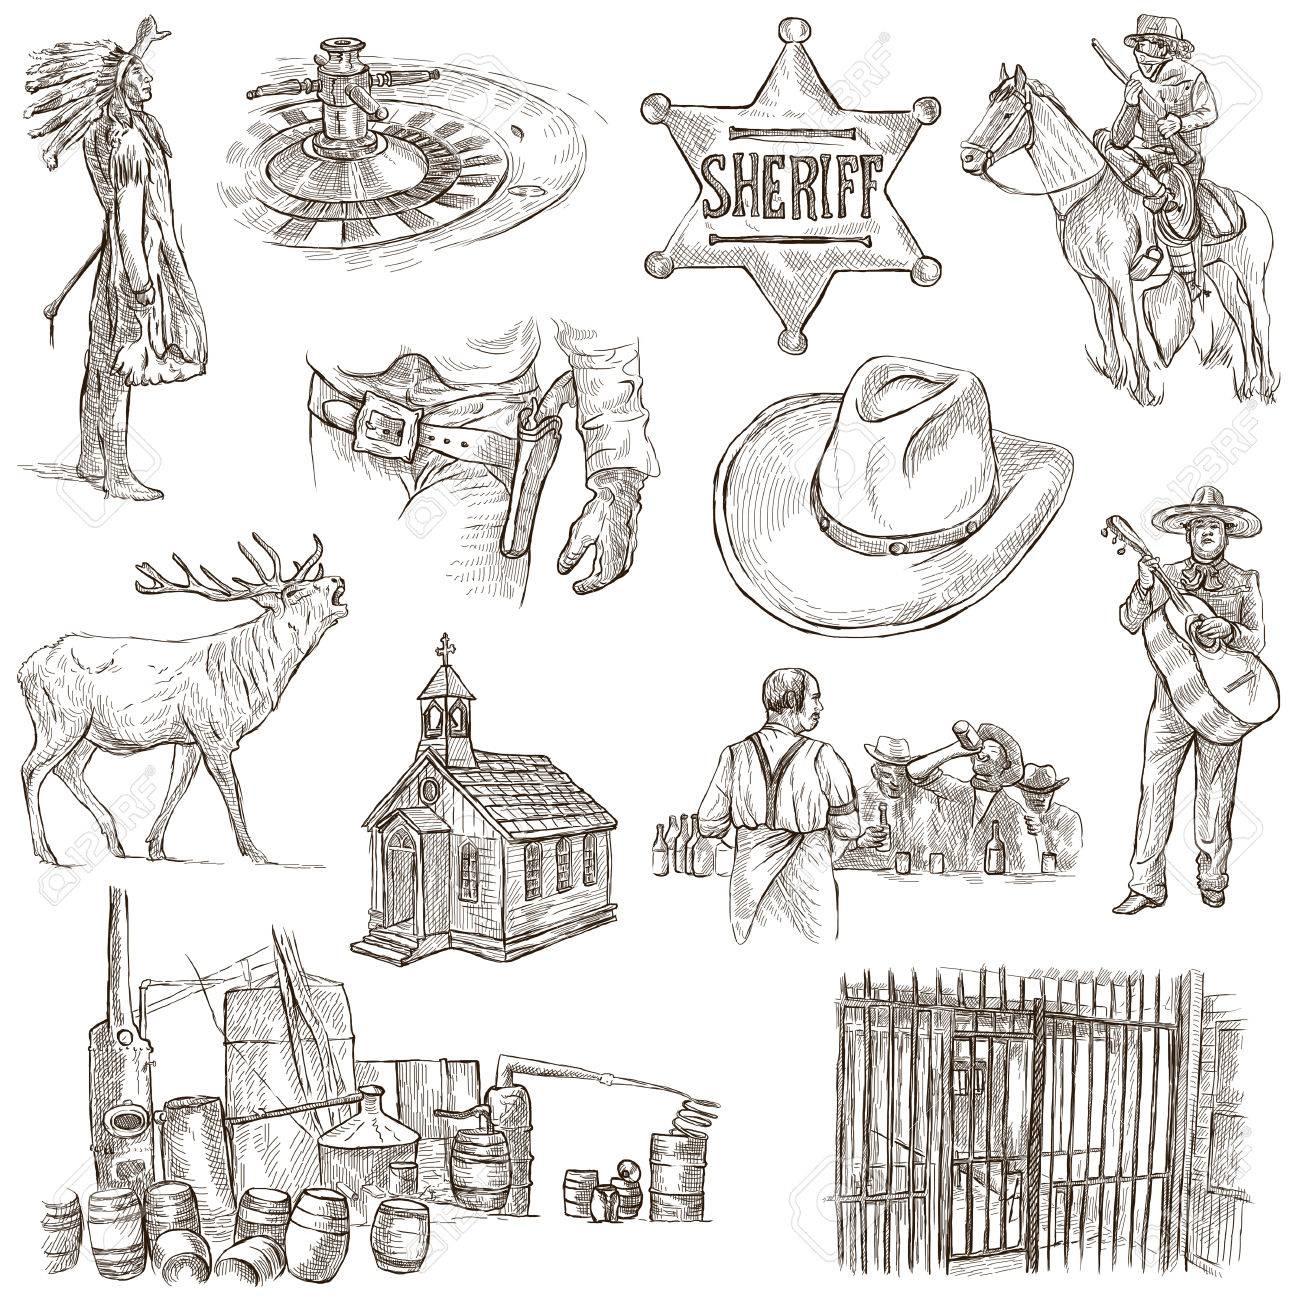 インド人および野生の西 手描きイラスト集説明コントロール フル